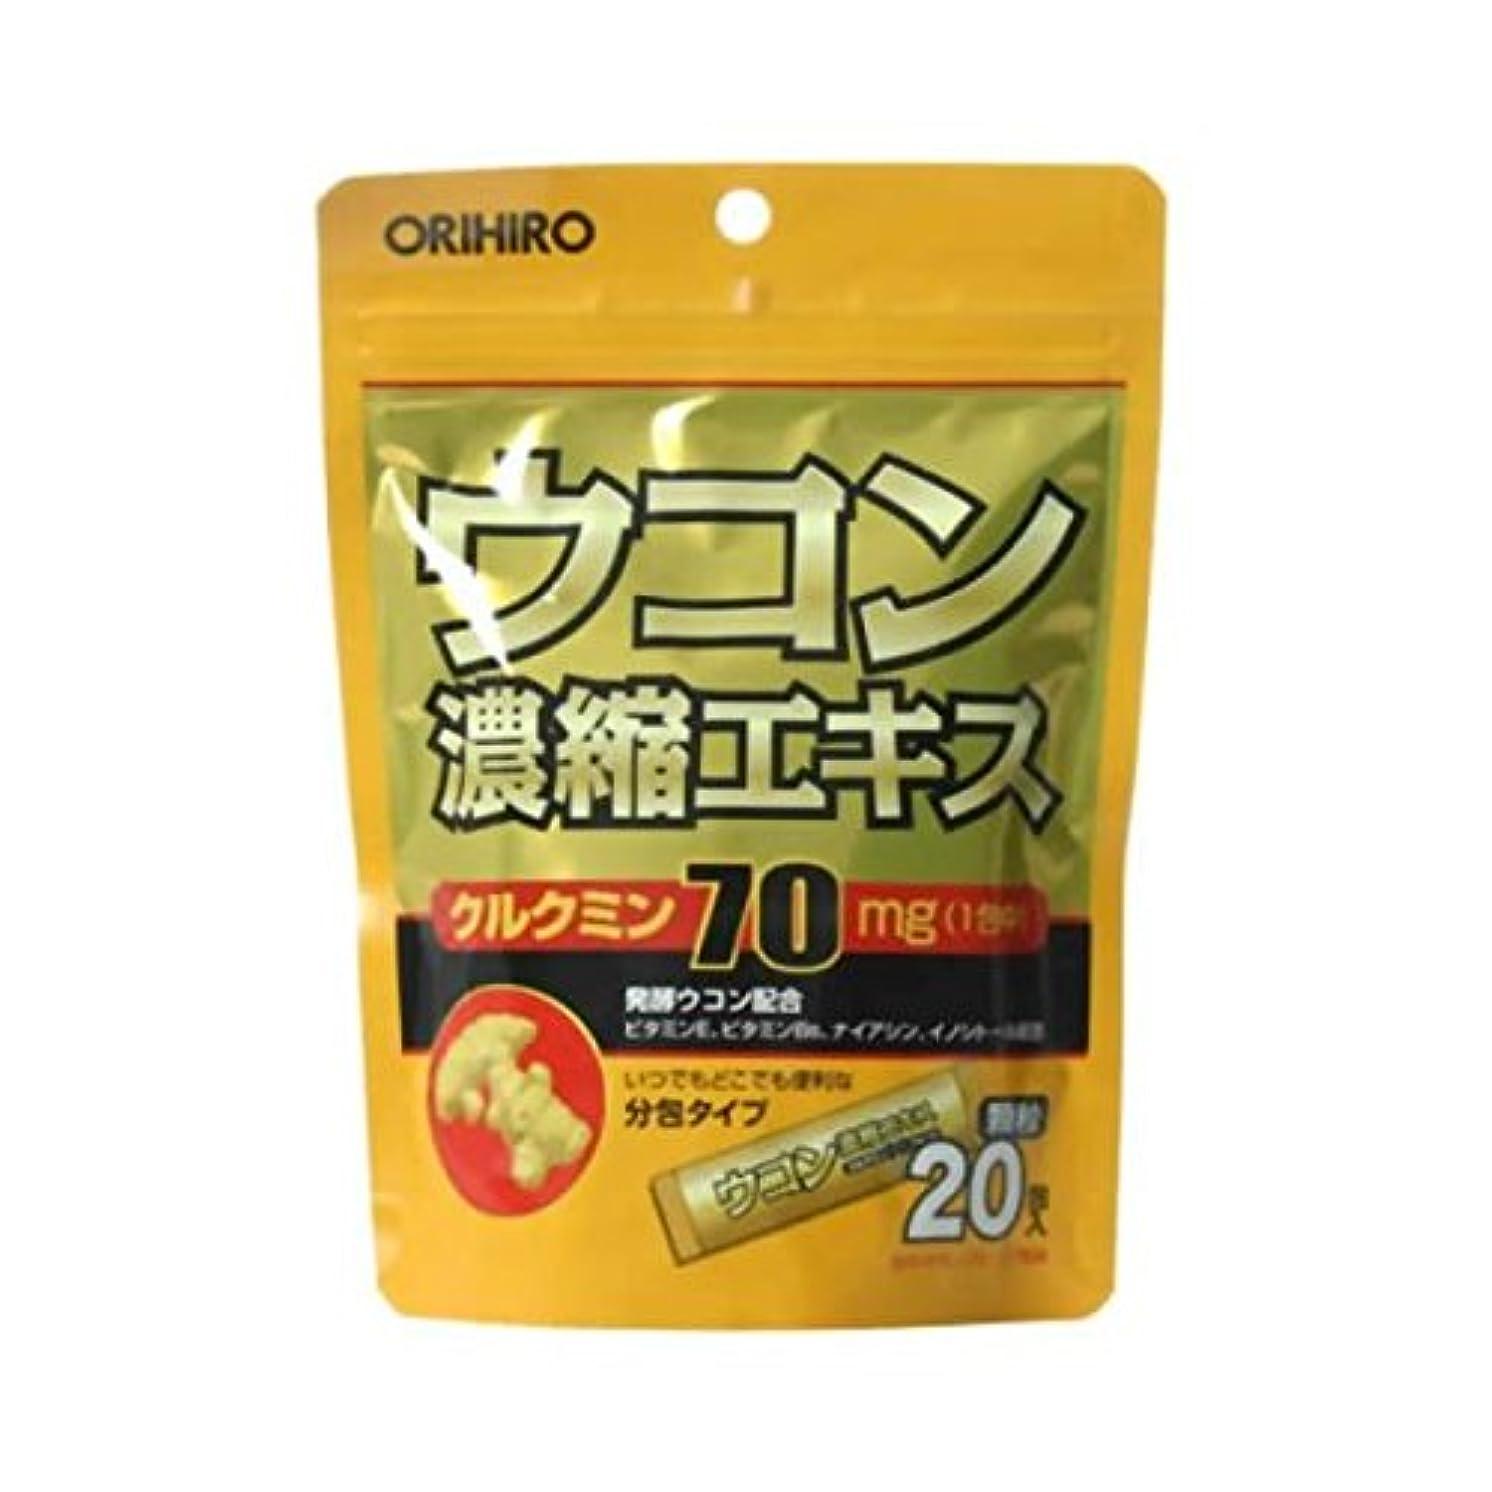 すき自発的散らすウコン濃縮エキス 顆粒20包入【3袋セット】オリヒロ